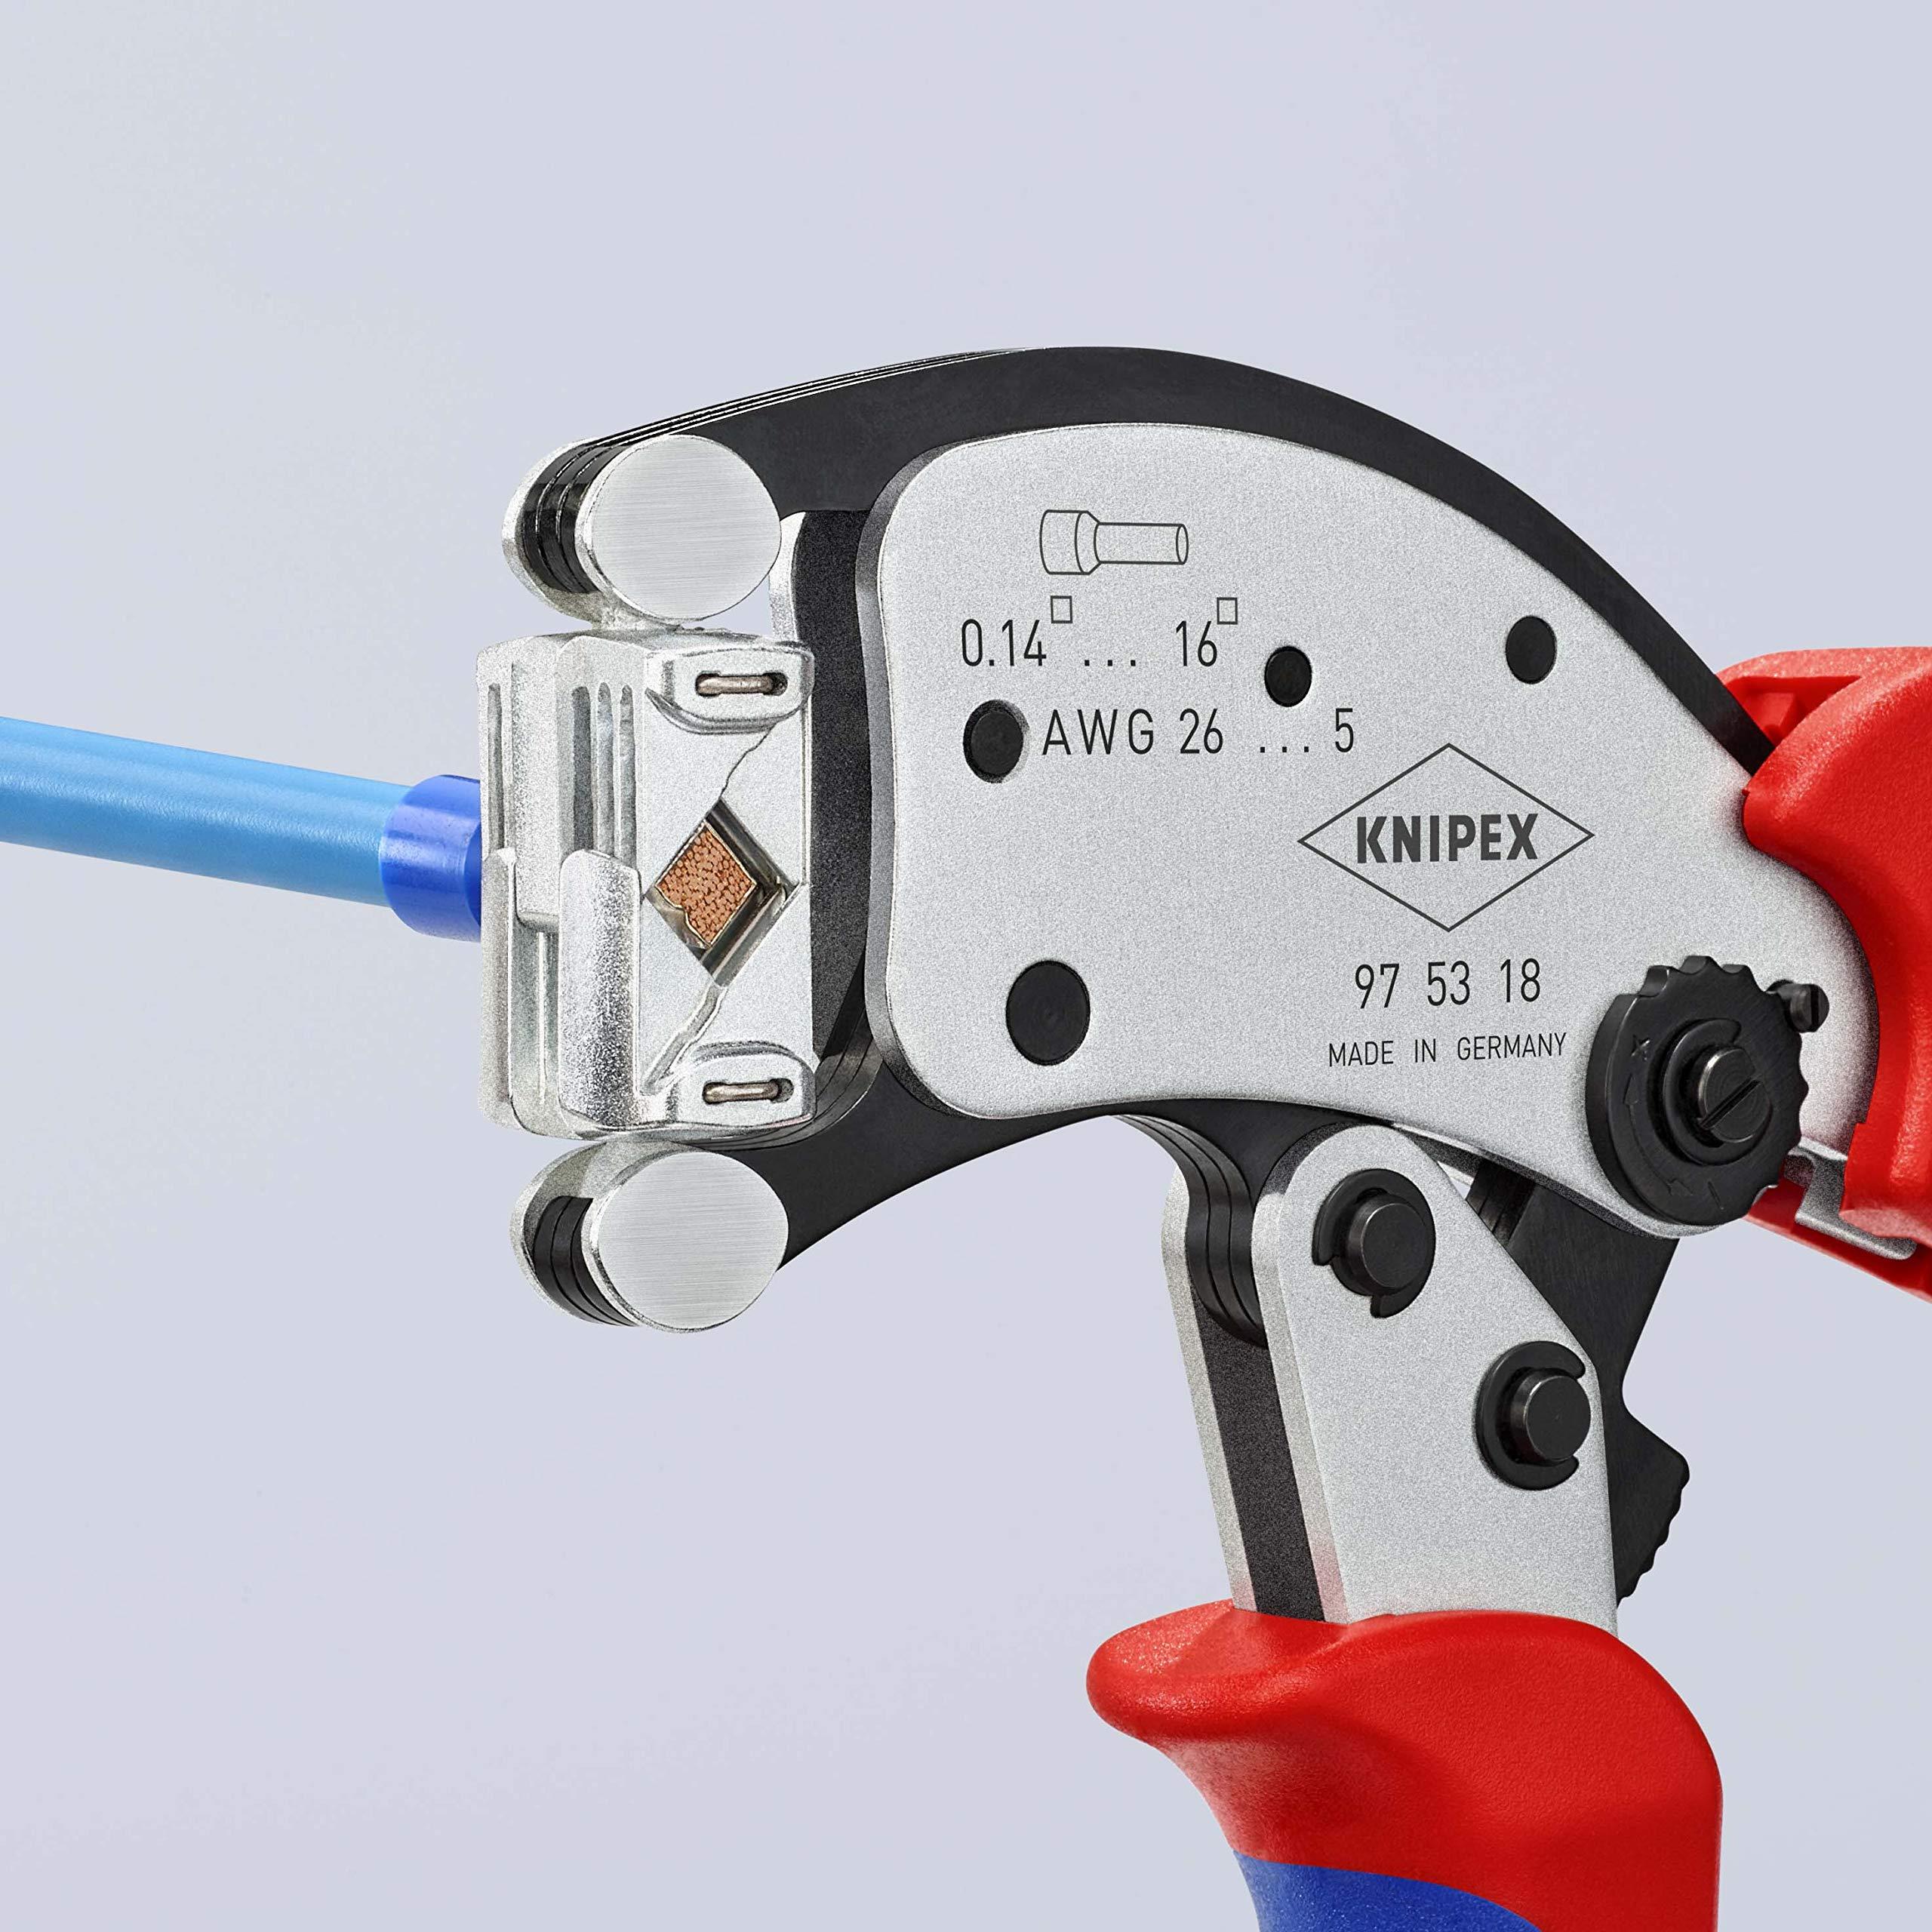 2465052-Knipex-97-53-18-Twistor16-Pinza-per-terminali-a-Bussola-con-Regolazion miniatura 3